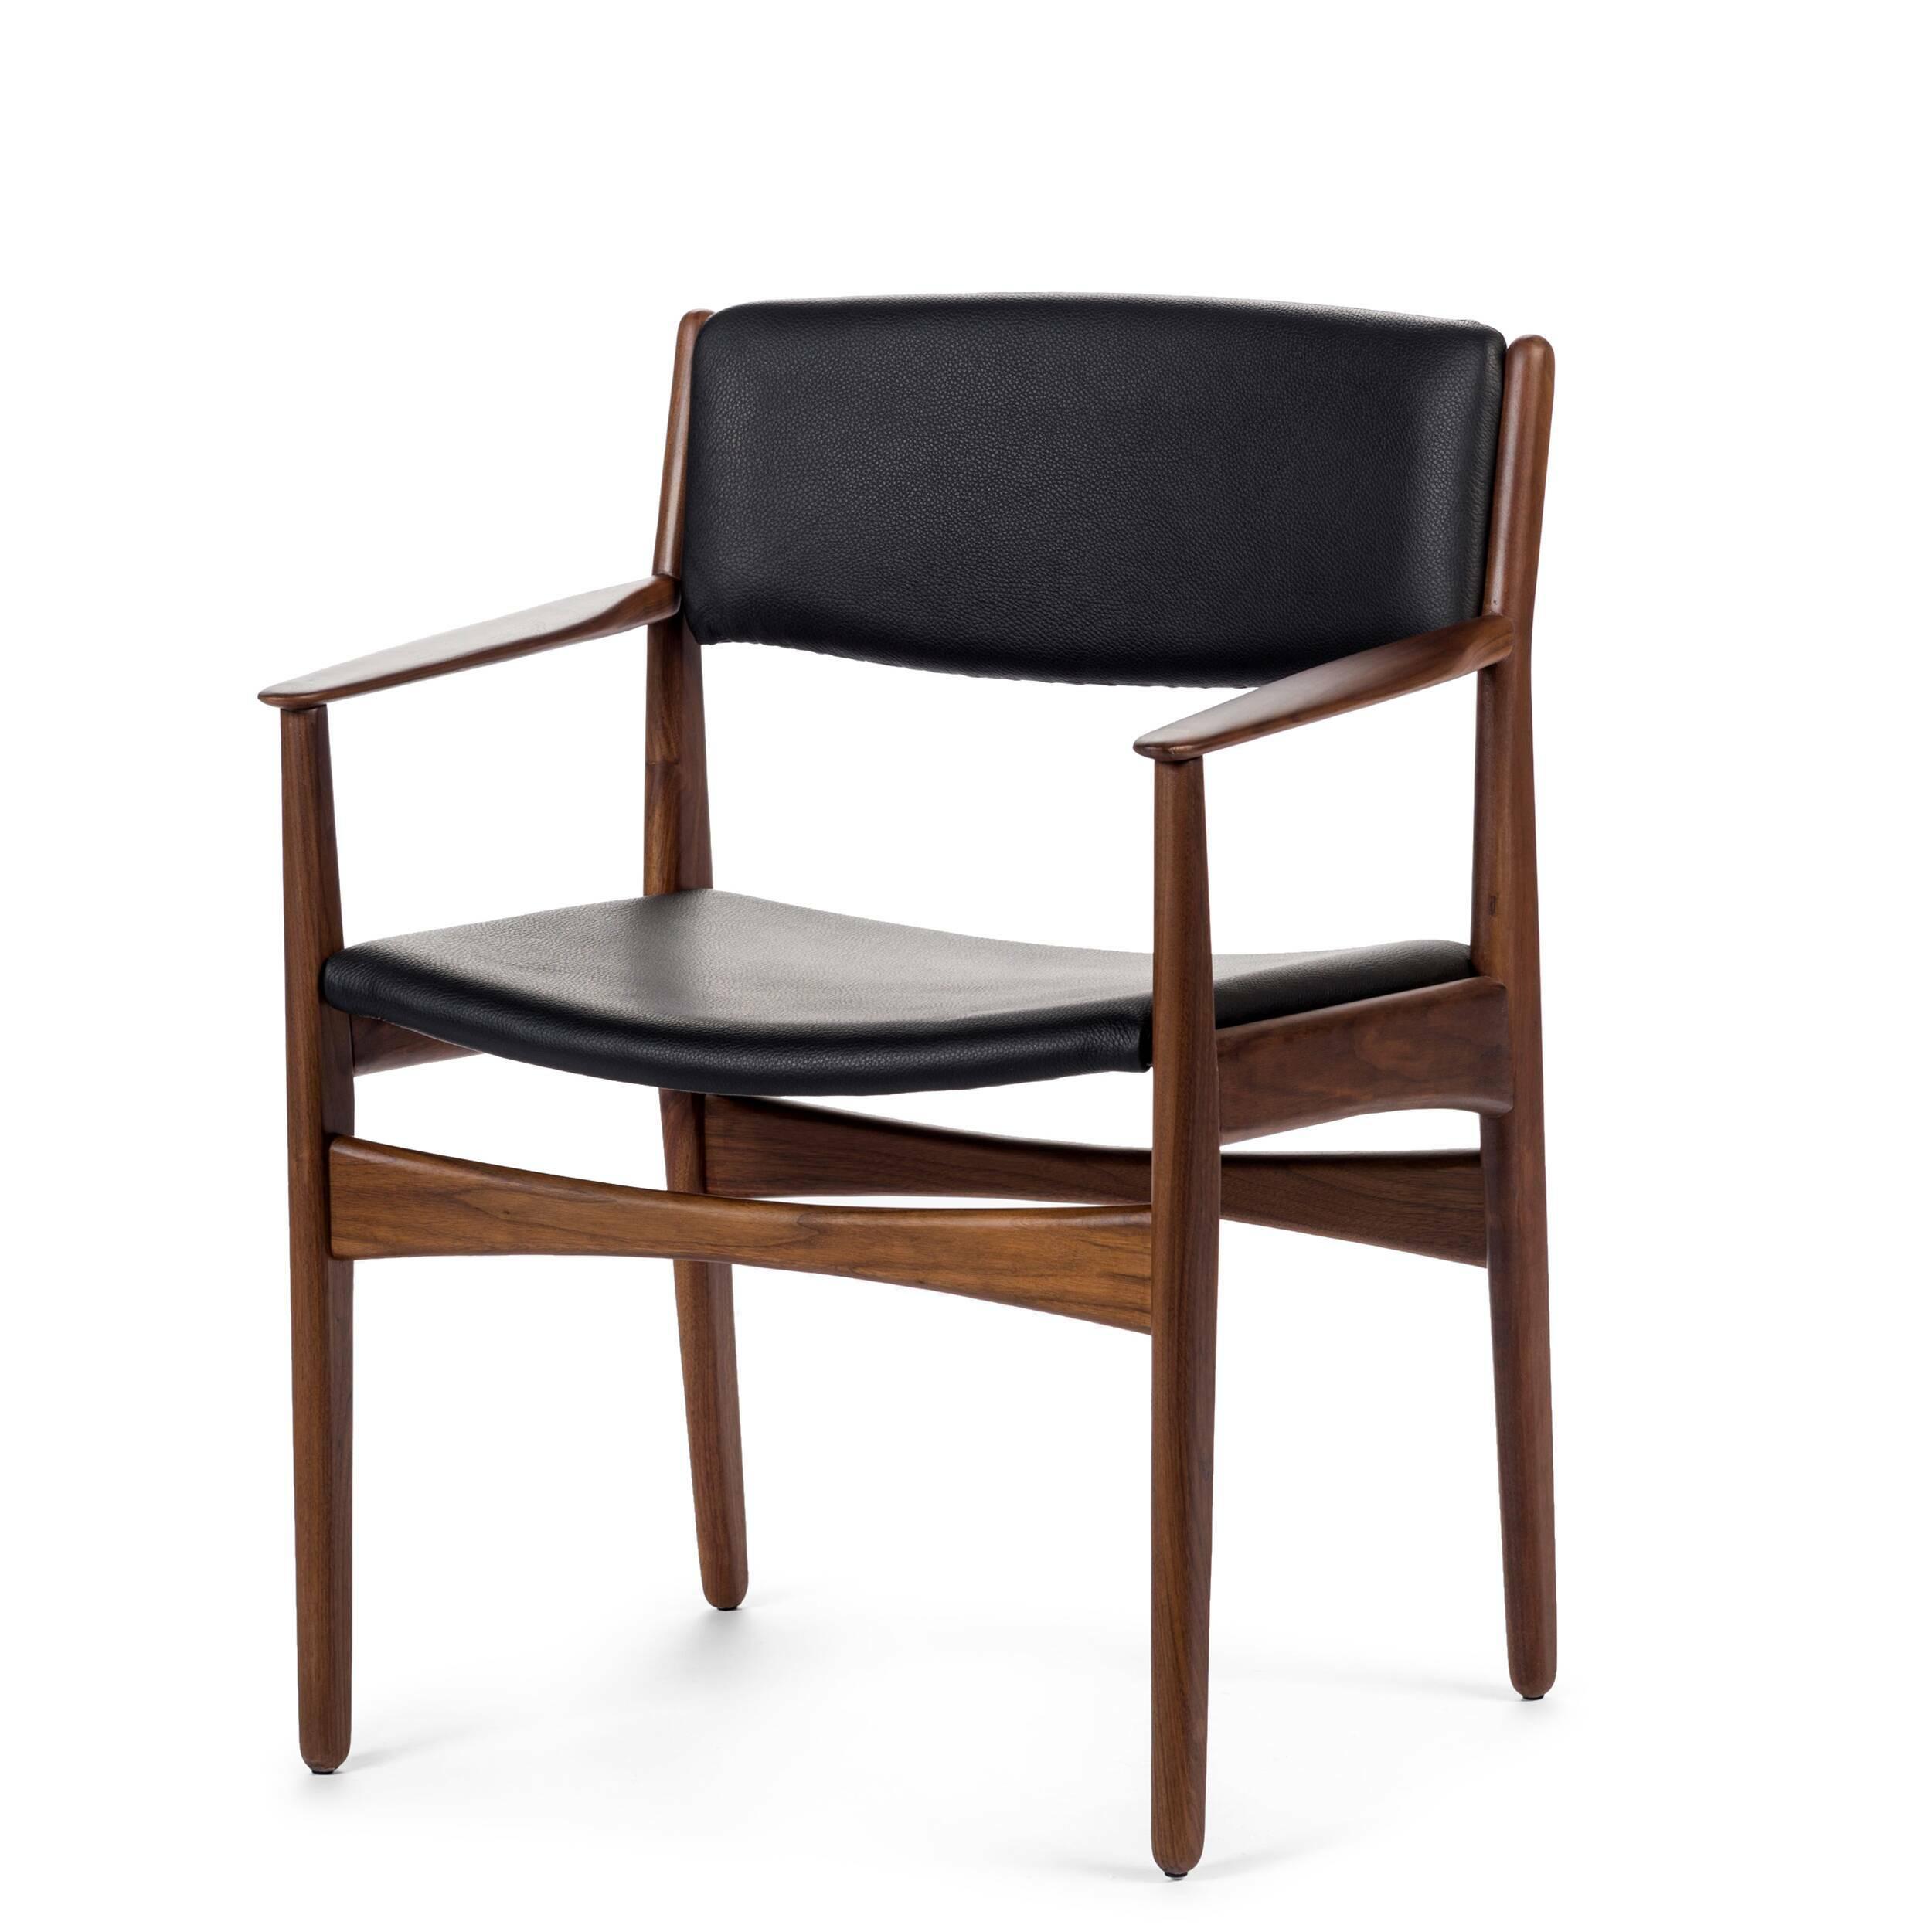 Стул Danish ChairИнтерьерные<br>Дизайнерский стул Danish Chair (Даниш Чейр) из дерева обычной формы с мягким сиденьем и спинкой от Cosmo (Космо).<br><br>Неудивительно, что стиль, в котором создан стул Danish Chair, — датский (скандинавский) модерн. С момента своего появления стиль плотно вошел в обиход дизайнеров того времени и постепенно превратился в почитаемую классику не только в северных странах, но и в Азии и в Америке. Дизайнеры, создающие оригинальную мебель в этом стиле, отдают предпочтение экоматериалам и мягкому со...<br><br>stock: 0<br>Высота: 79<br>Высота сиденья: 43,5<br>Ширина: 60,5<br>Глубина: 54,5<br>Материал каркаса: Массив ореха<br>Тип материала каркаса: Дерево<br>Цвет сидения: Черный<br>Тип материала сидения: Кожа<br>Коллекция ткани: Deluxe<br>Цвет каркаса: Орех